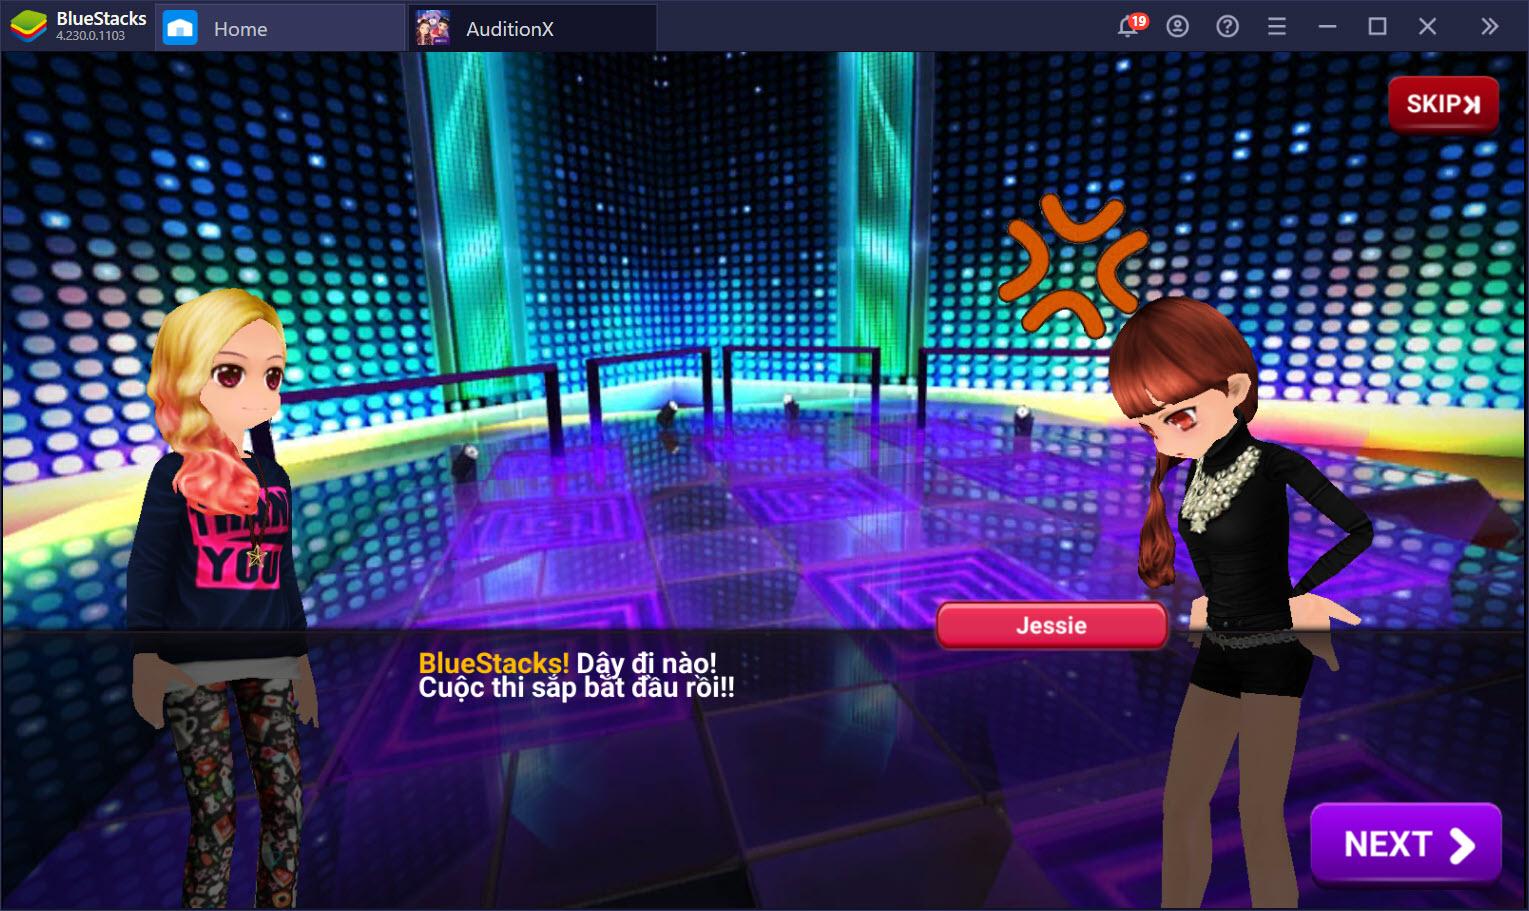 Audition X: Trở lại sàn nhảy online huyền thoại cùng BlueStacks